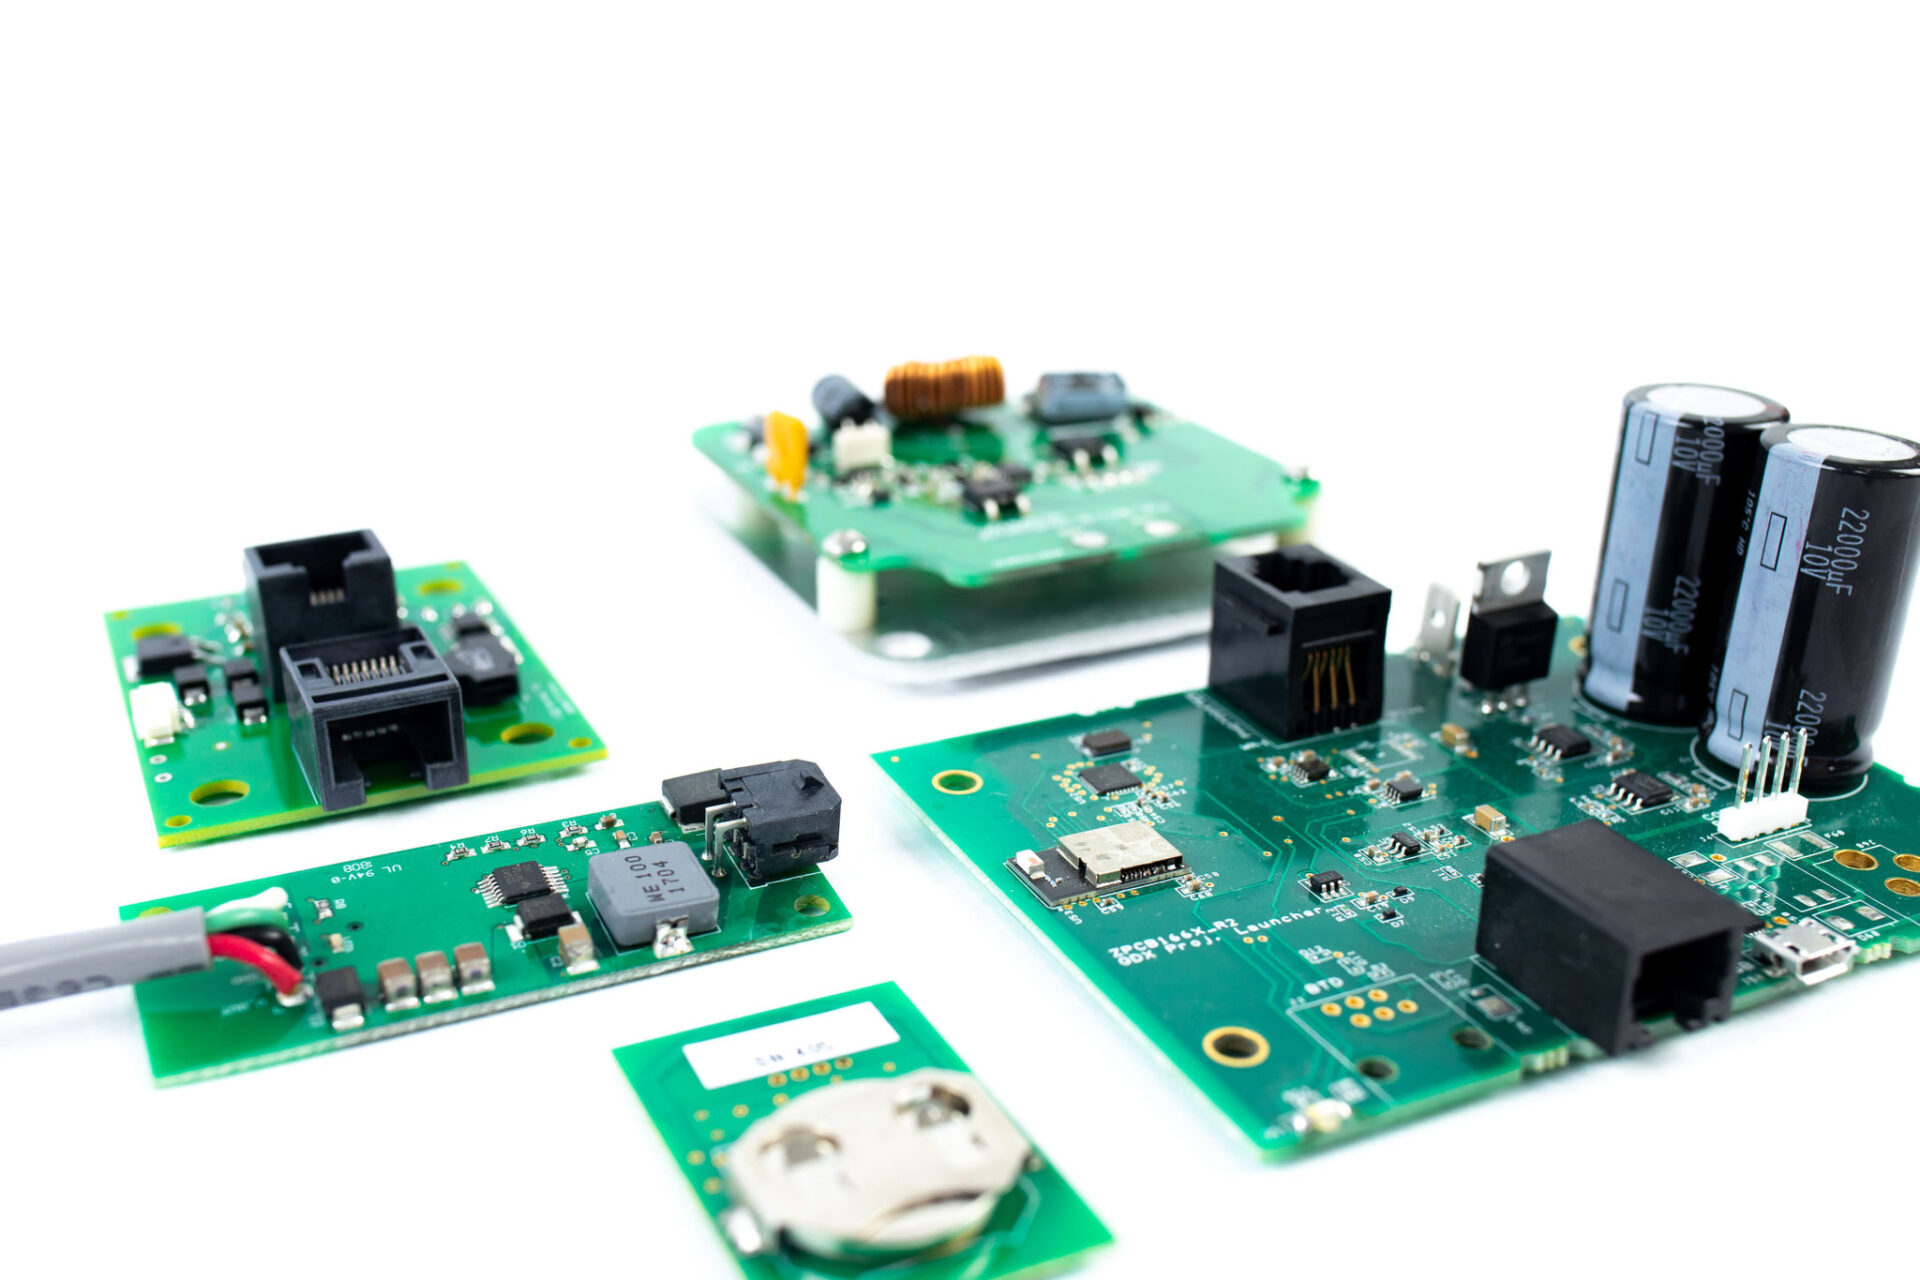 miscellaneous PCB boards